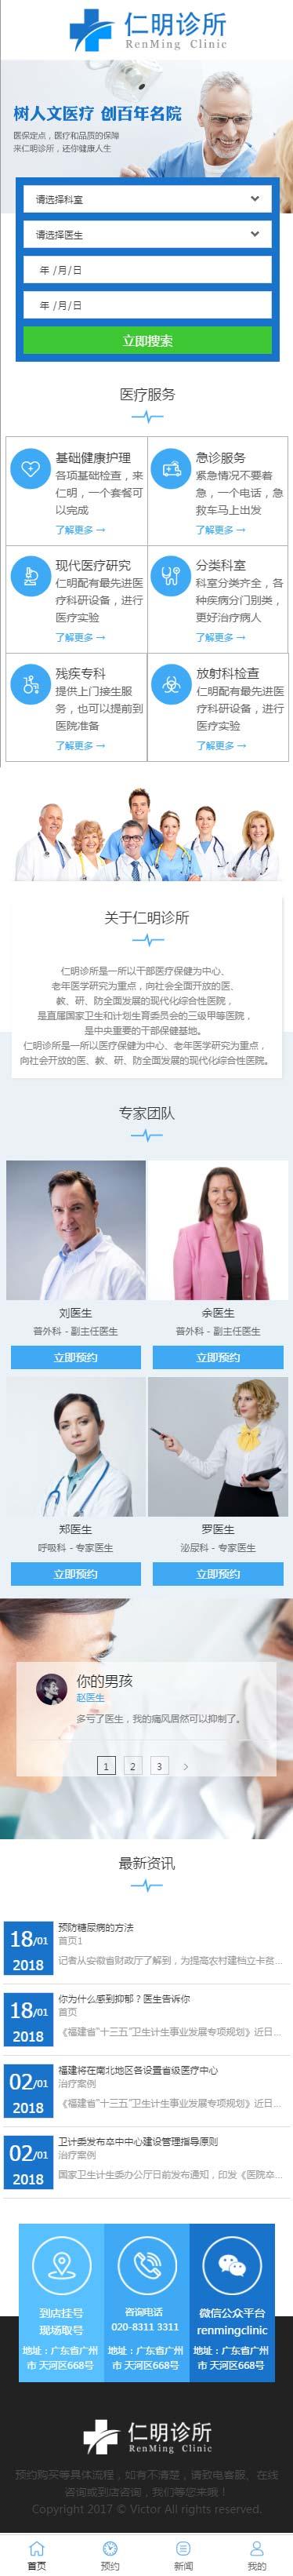 仁民诊所医院预约小程序模板